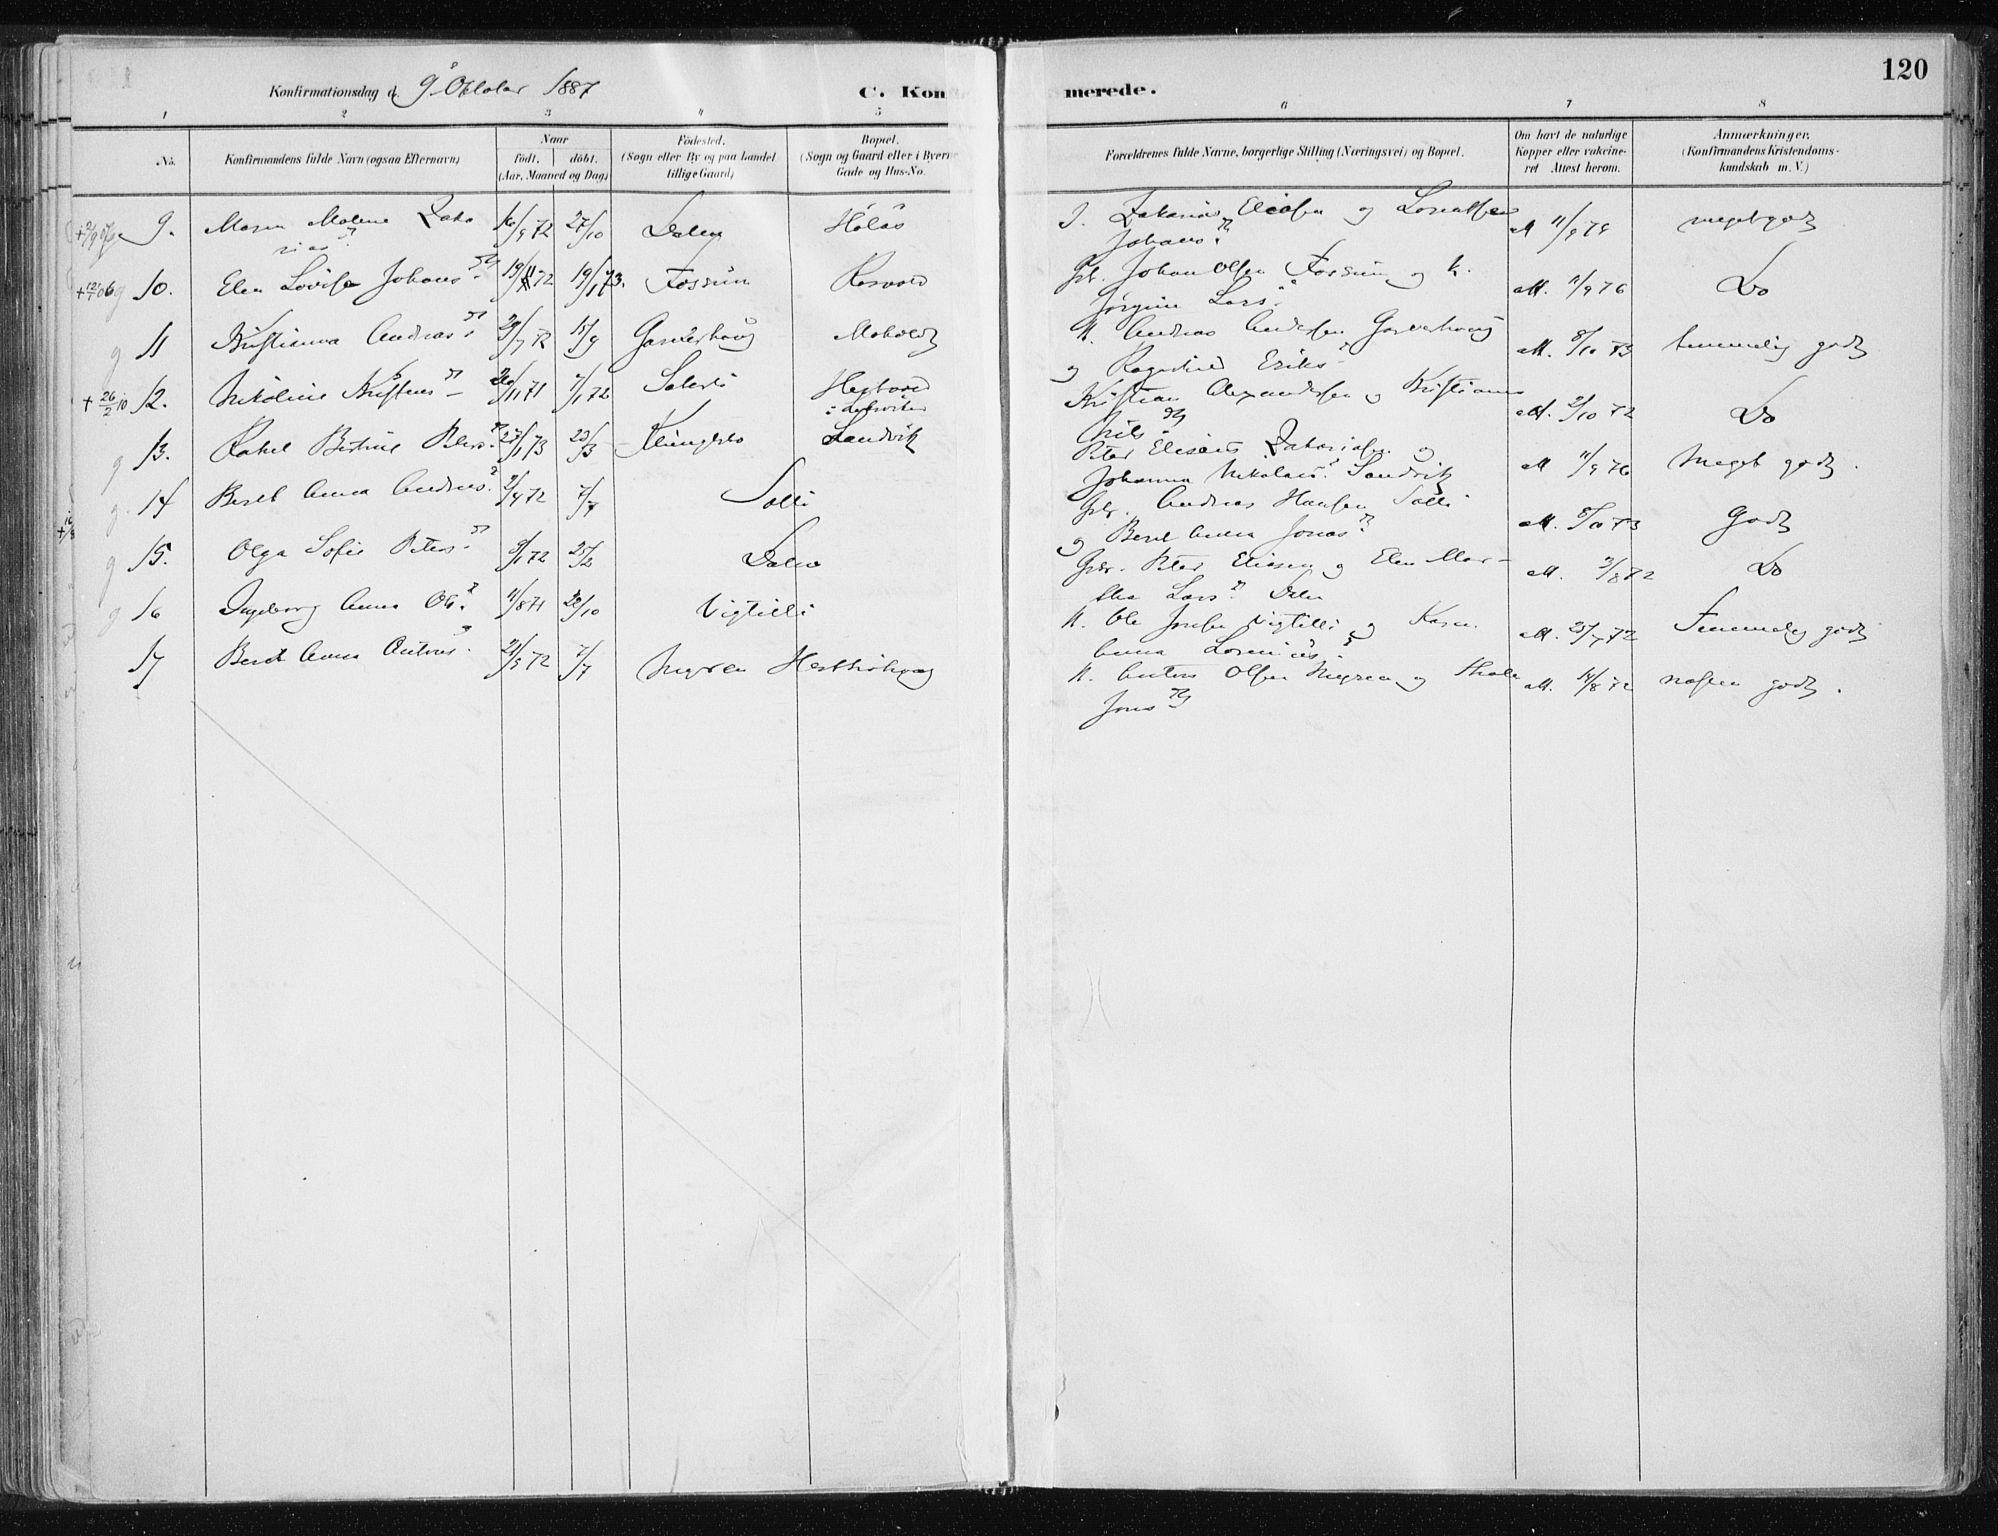 SAT, Ministerialprotokoller, klokkerbøker og fødselsregistre - Nord-Trøndelag, 701/L0010: Ministerialbok nr. 701A10, 1883-1899, s. 120